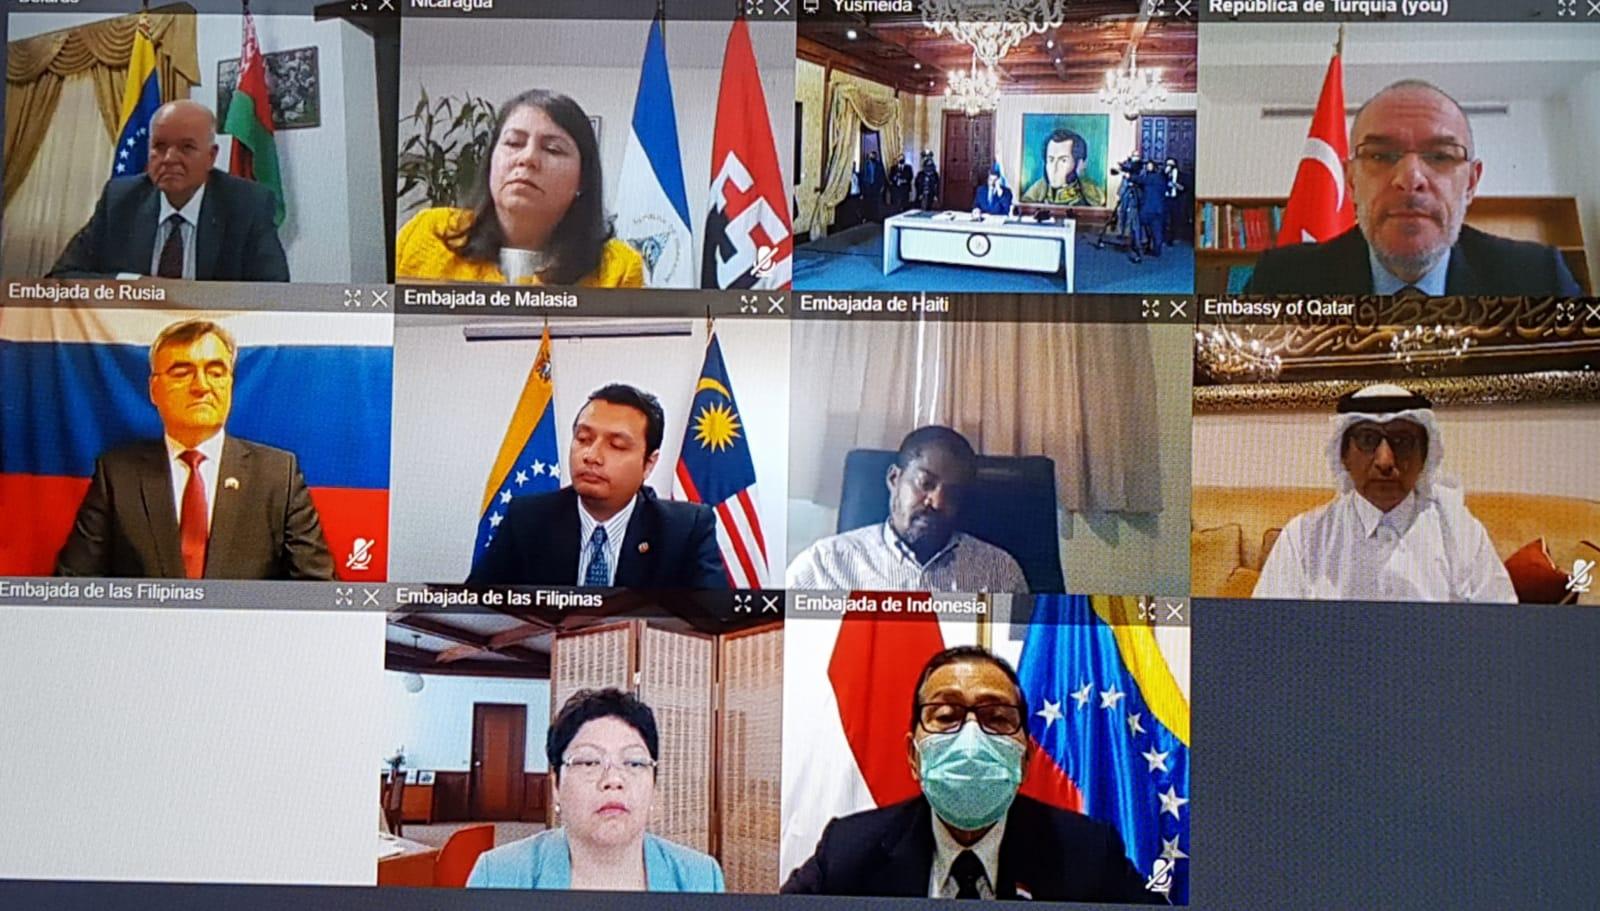 سفير قطر يشارك في مؤتمر صحفي للرئيس الفنزويلي عبر الاتصال المرئي